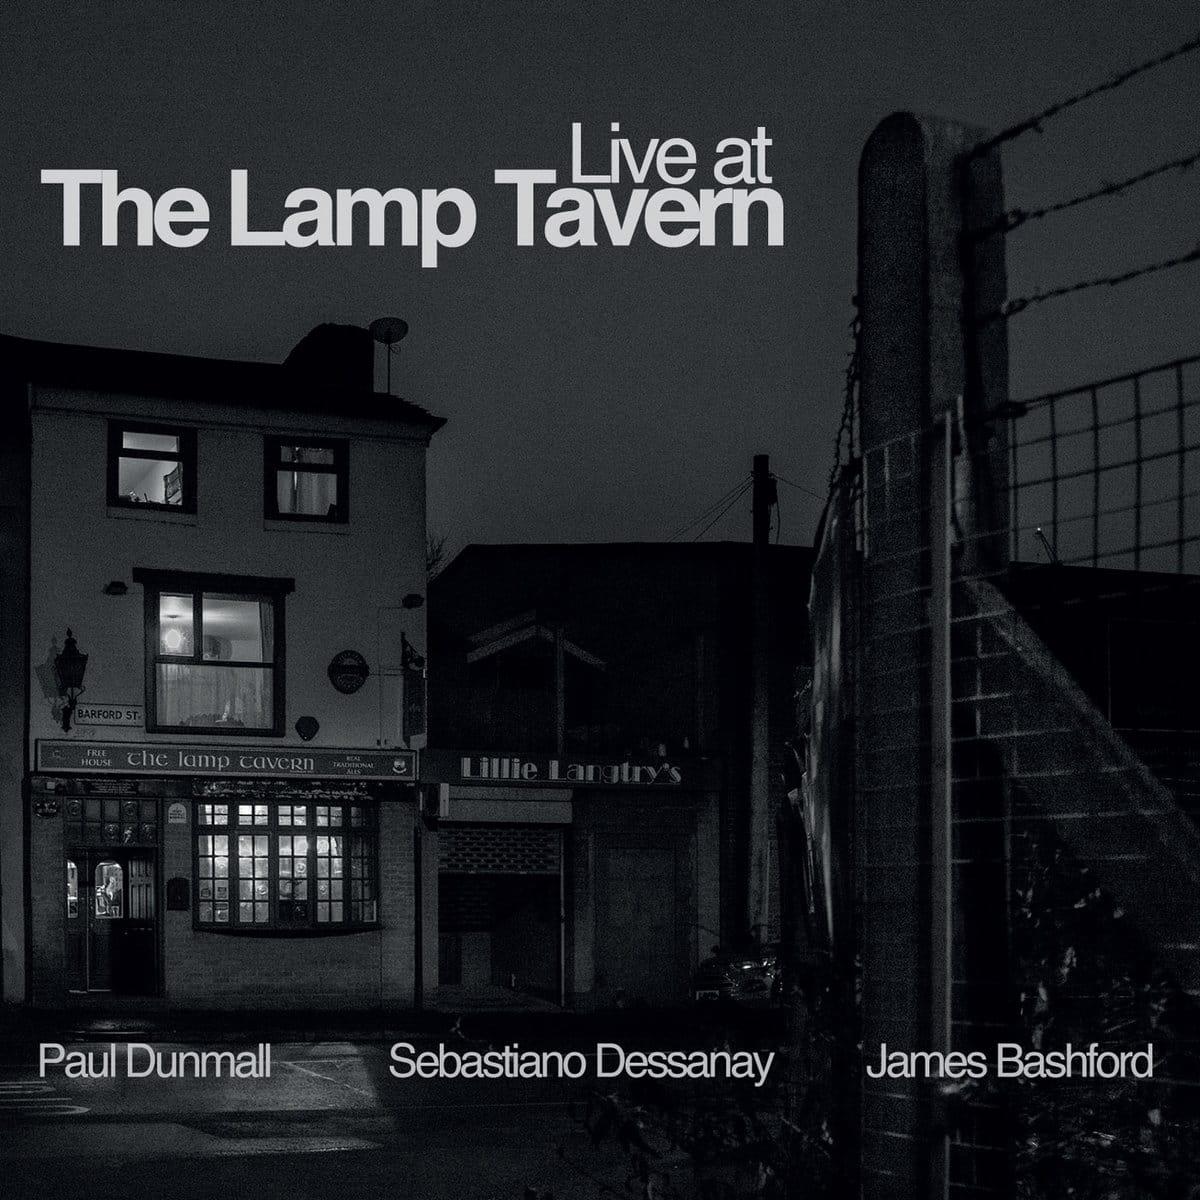 Sebastiano Dessanay Live at The Lamp Tavern